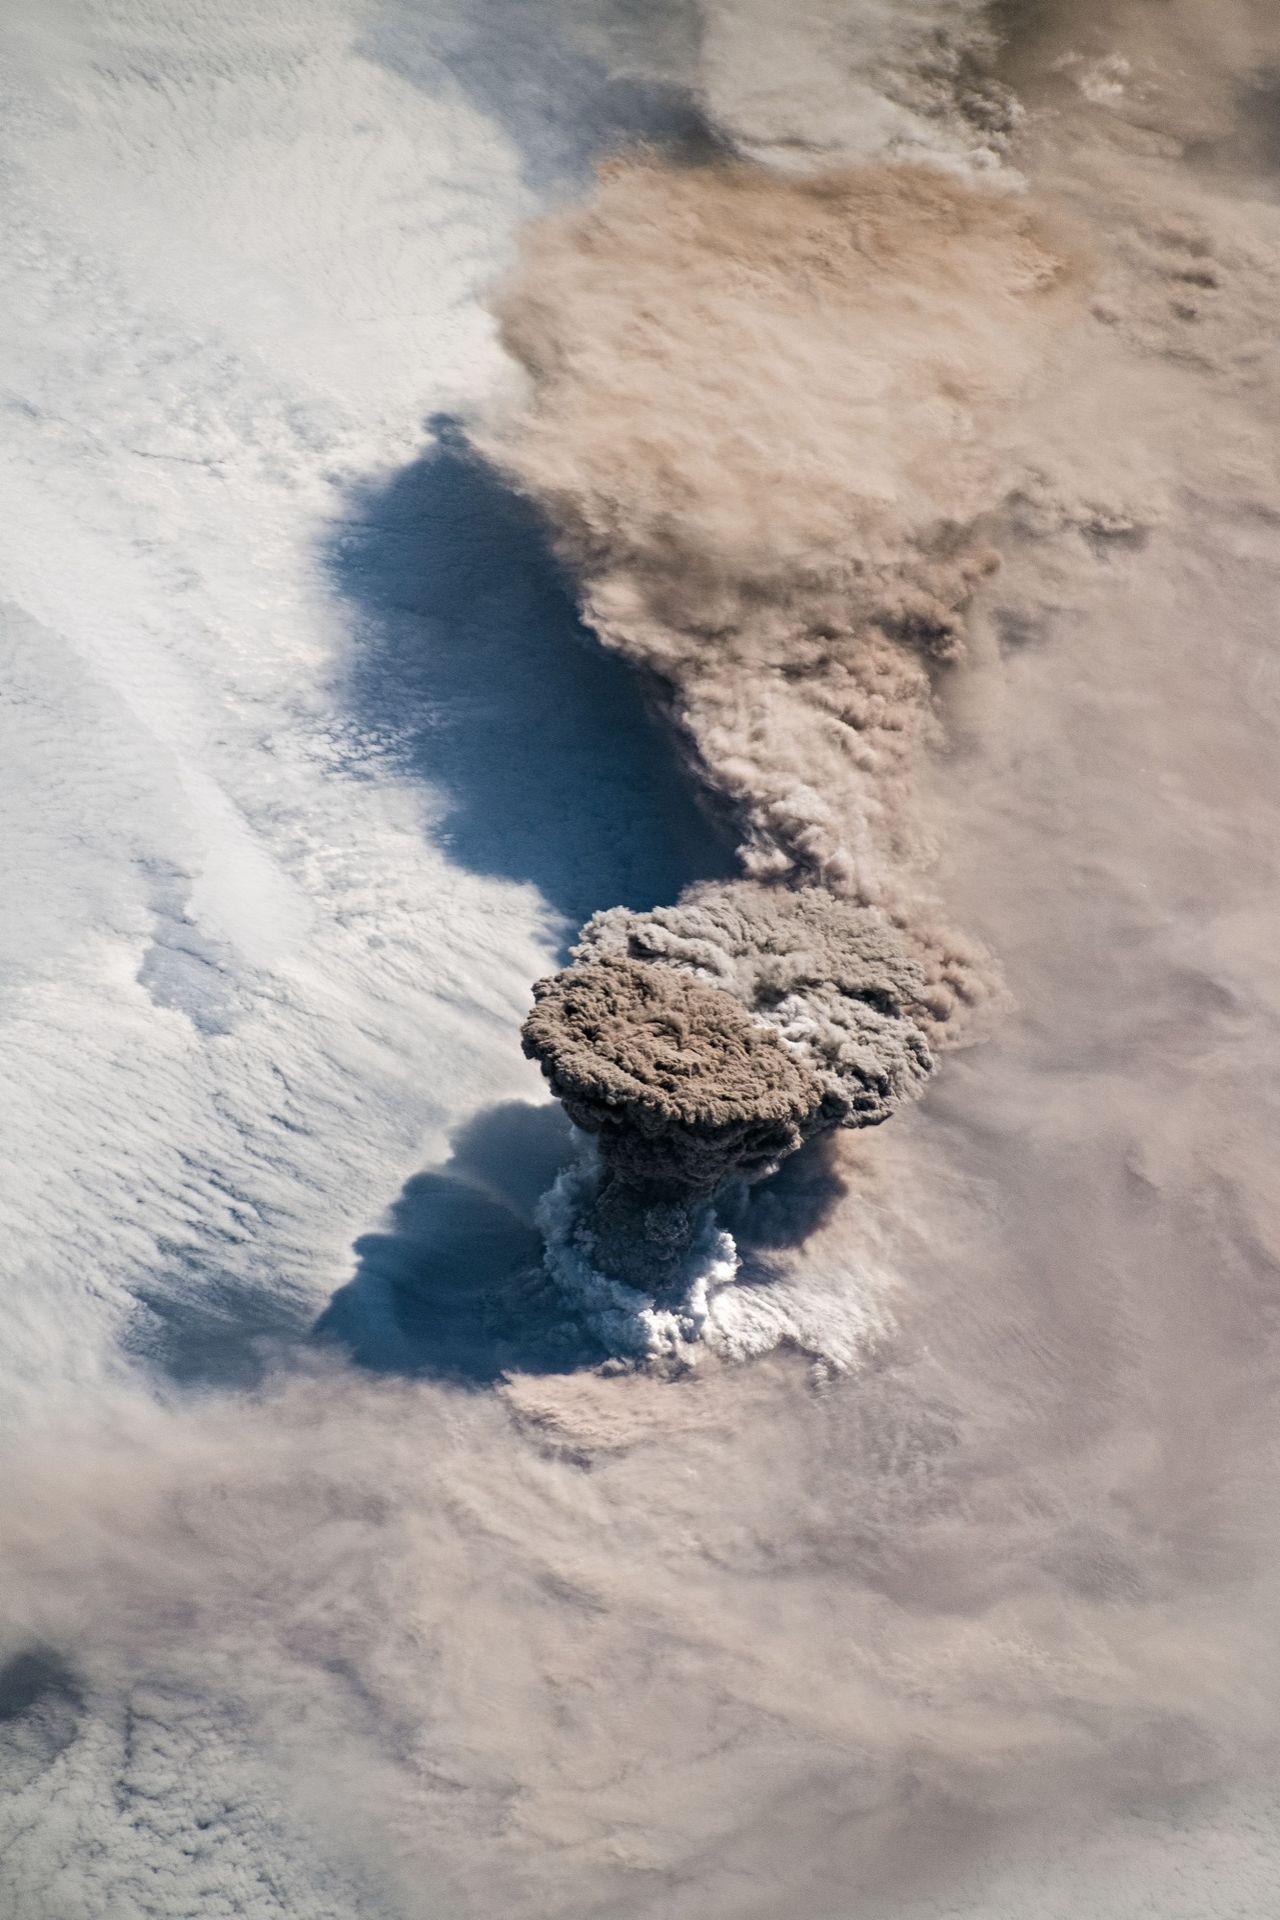 Vulkanutbrott fotograferat från rymden